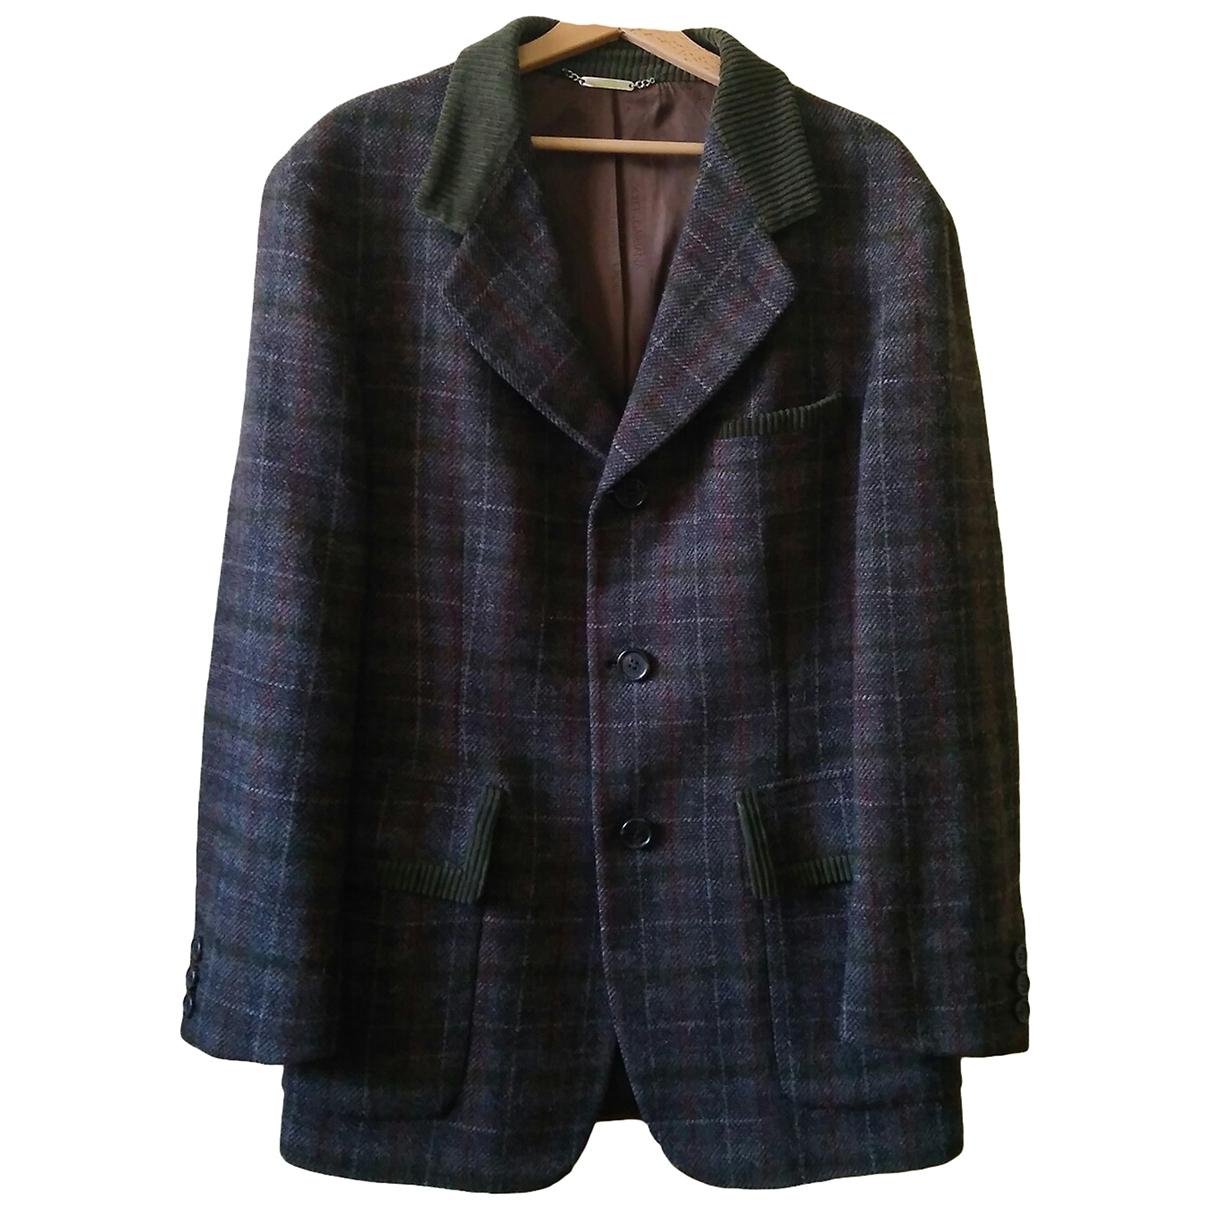 Dolce & Gabbana \N Jacke in  Gruen Wolle